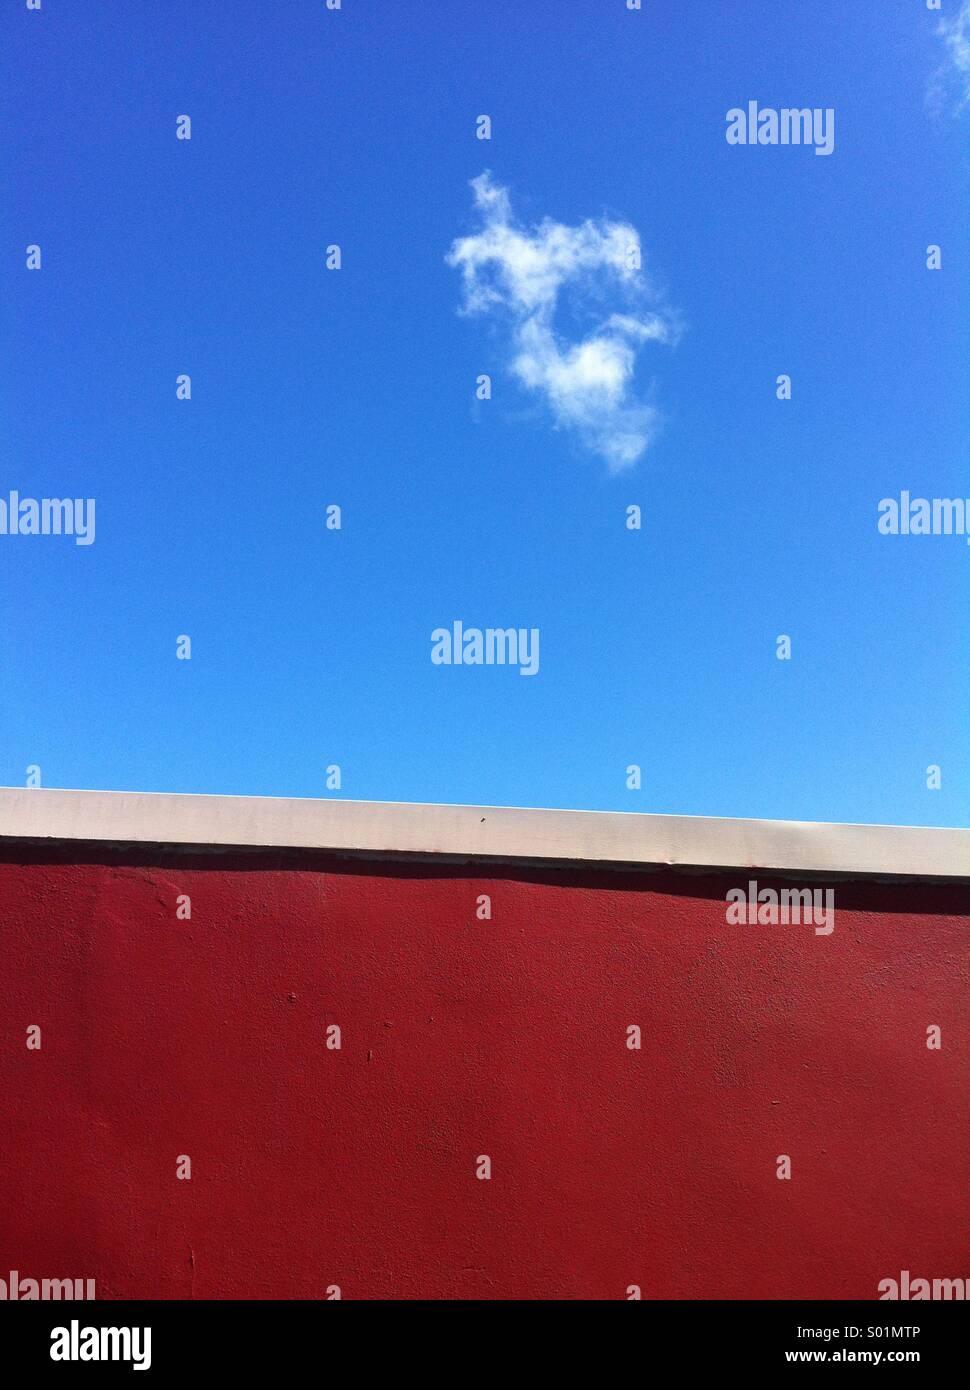 Parete rossa e il cielo blu con nuvole Immagini Stock